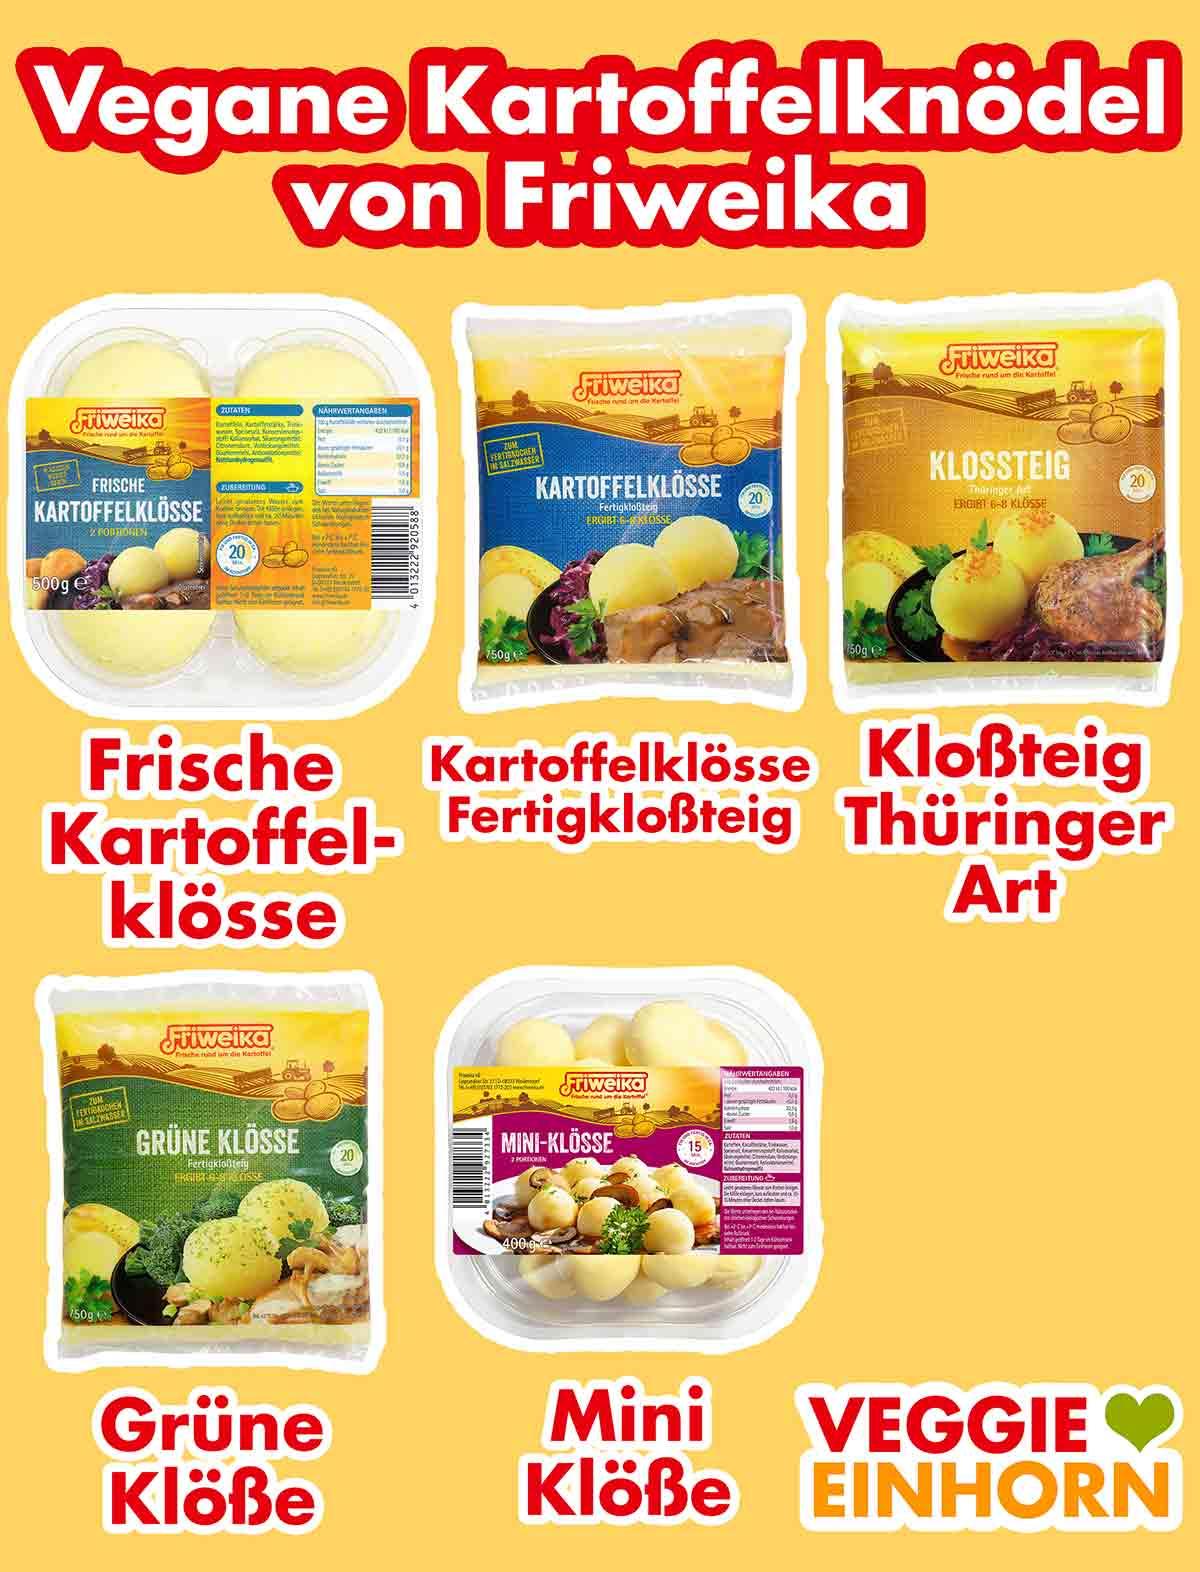 Vegane Kartoffelklöße von Friweika